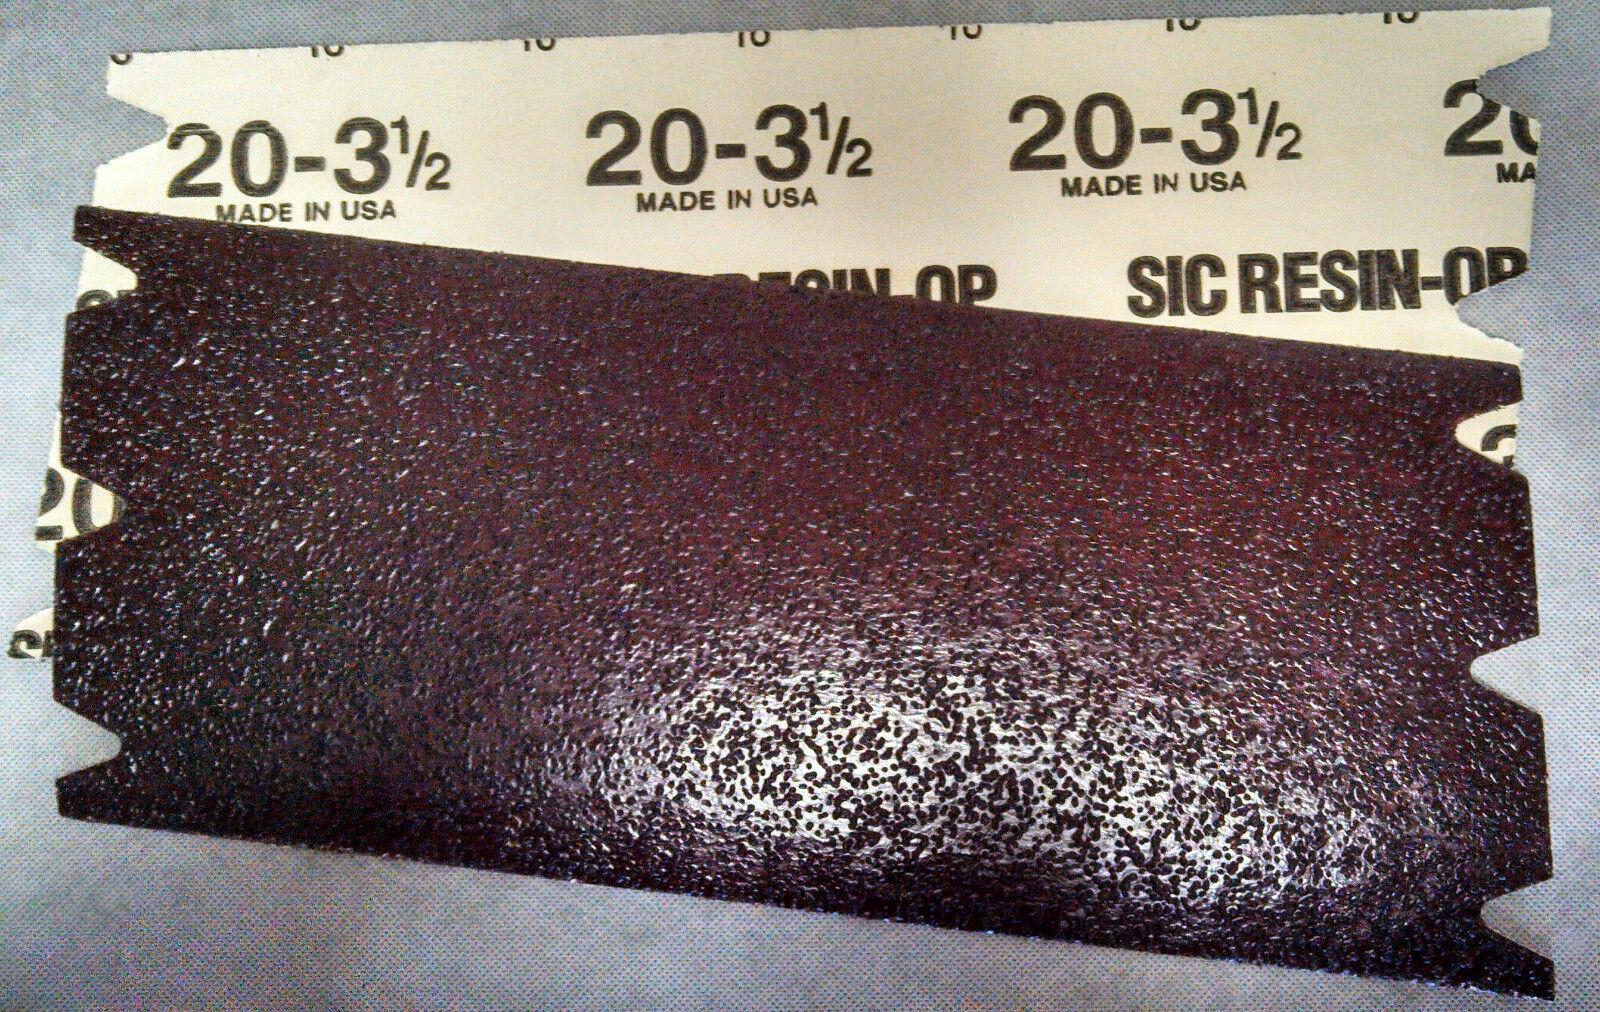 Floor Sander Sandpaper - Drum Sander - 8